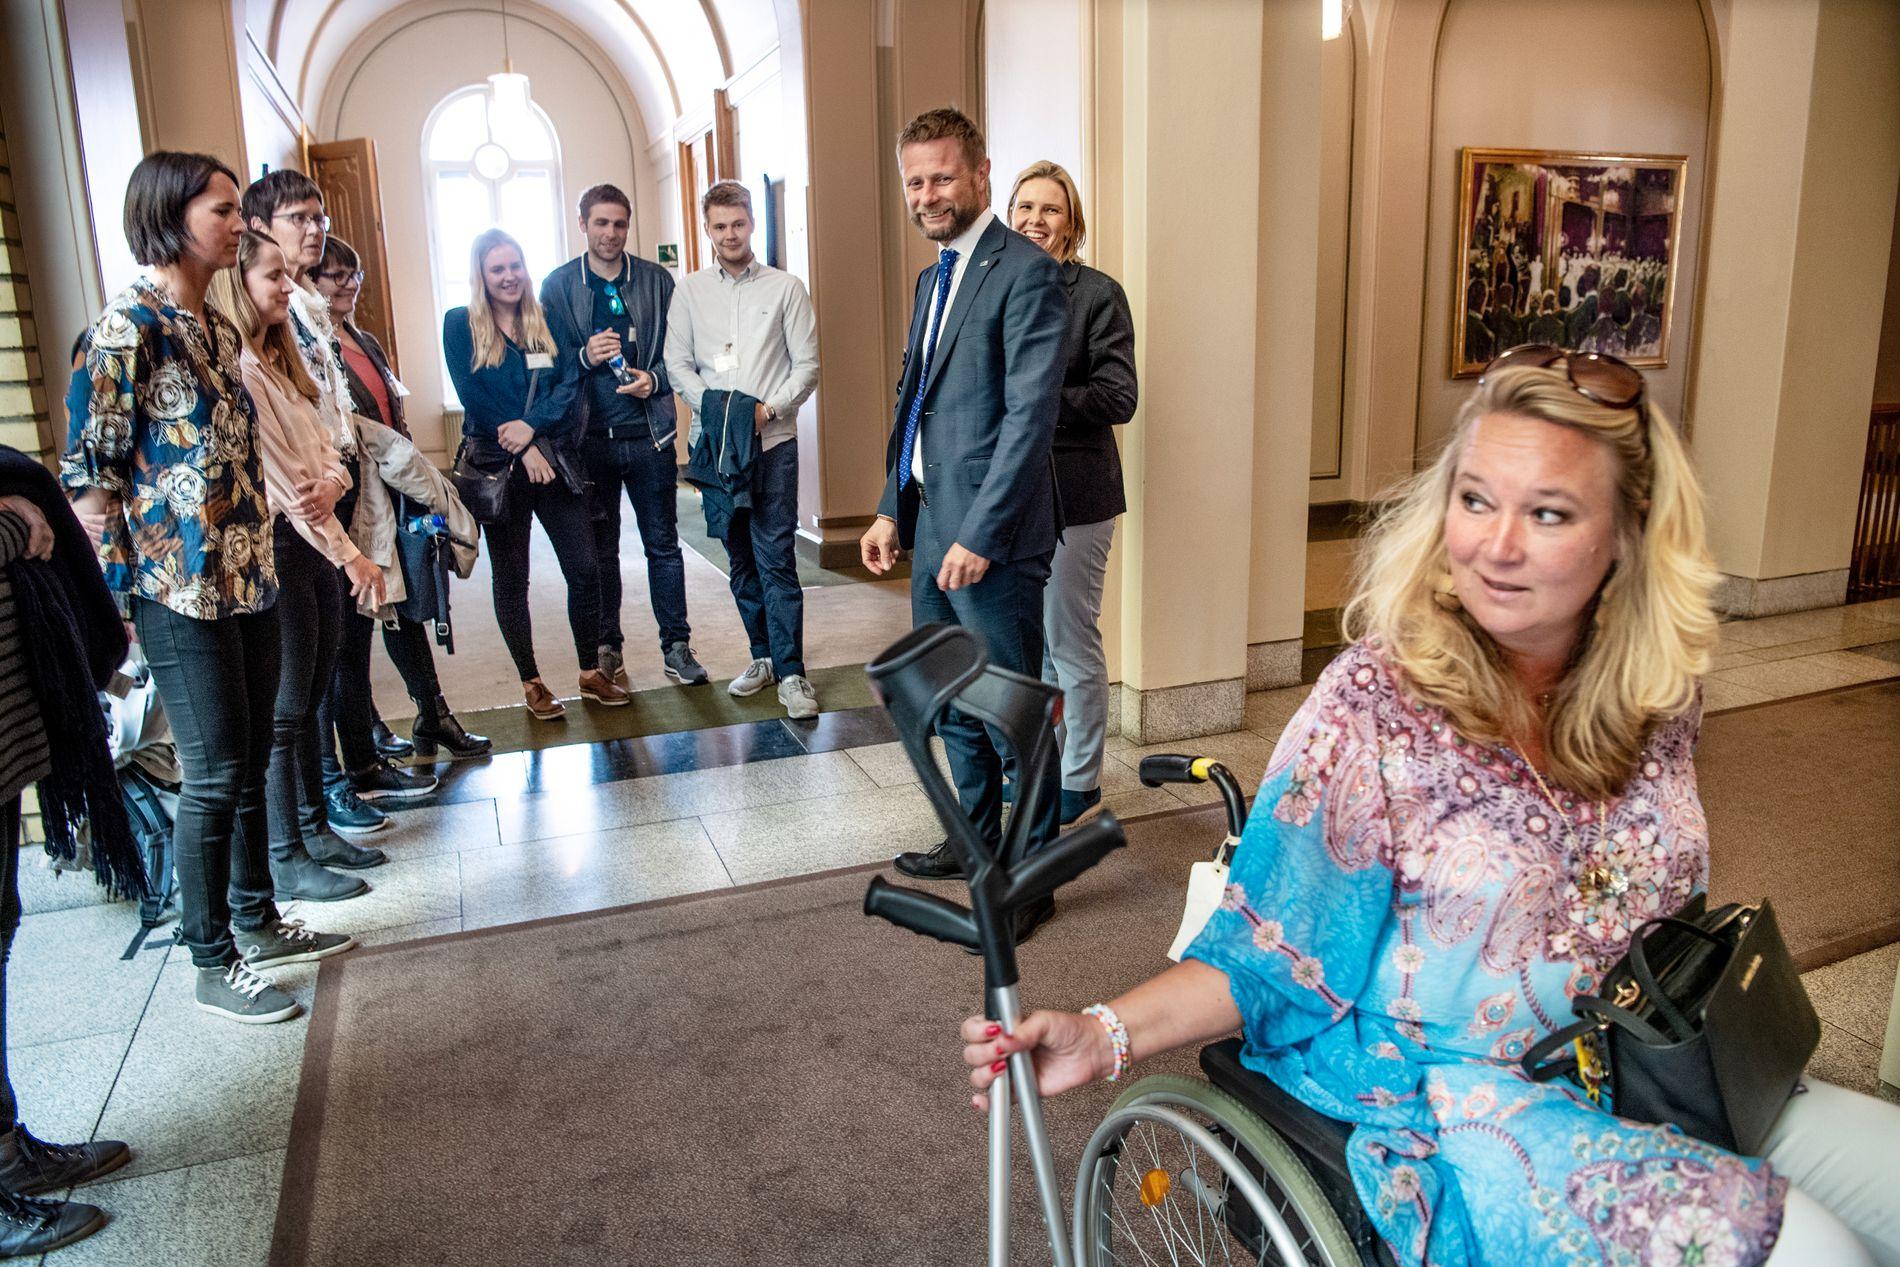 Lørdag fortalte VG historien om ALS-syke Cathrine Nordstrand (49) som i flere år har kjempet for å beholde håpet. Her er hun på Stortinget i april, da helseminister Bent Høie sa ja til å jobbe for bedre oppfølging av ALS-pasienter i Norge.